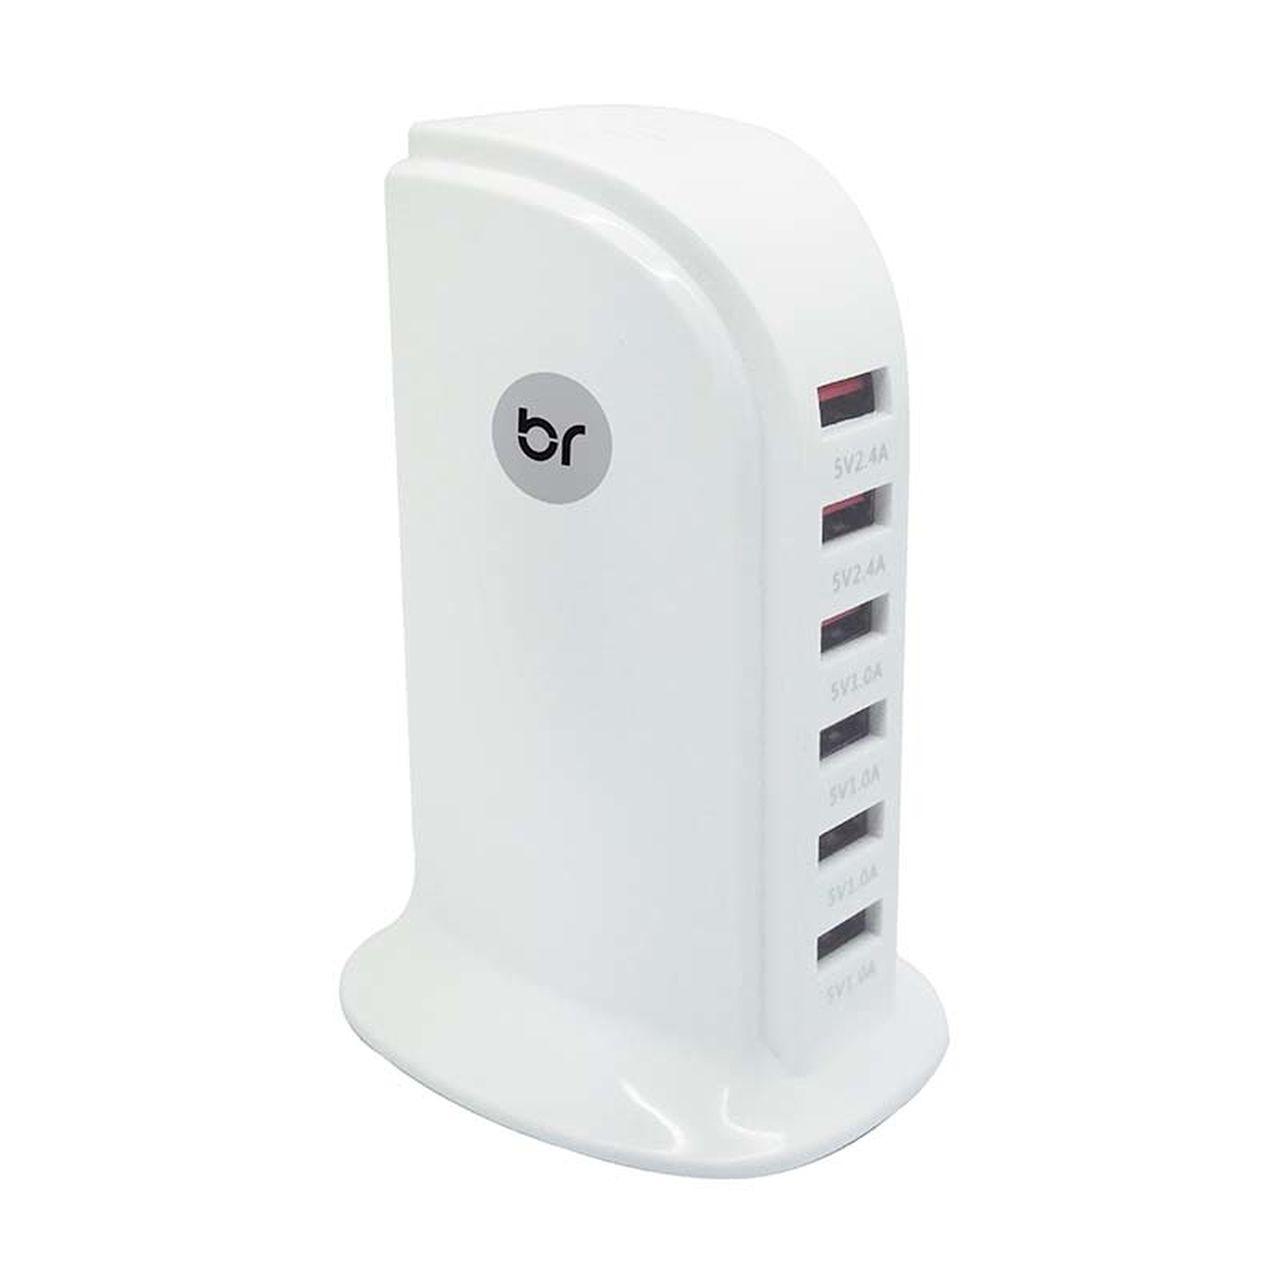 Hub e Carregador USB Torre com 6 portas 1.0V e 2.4V 476 - Bright